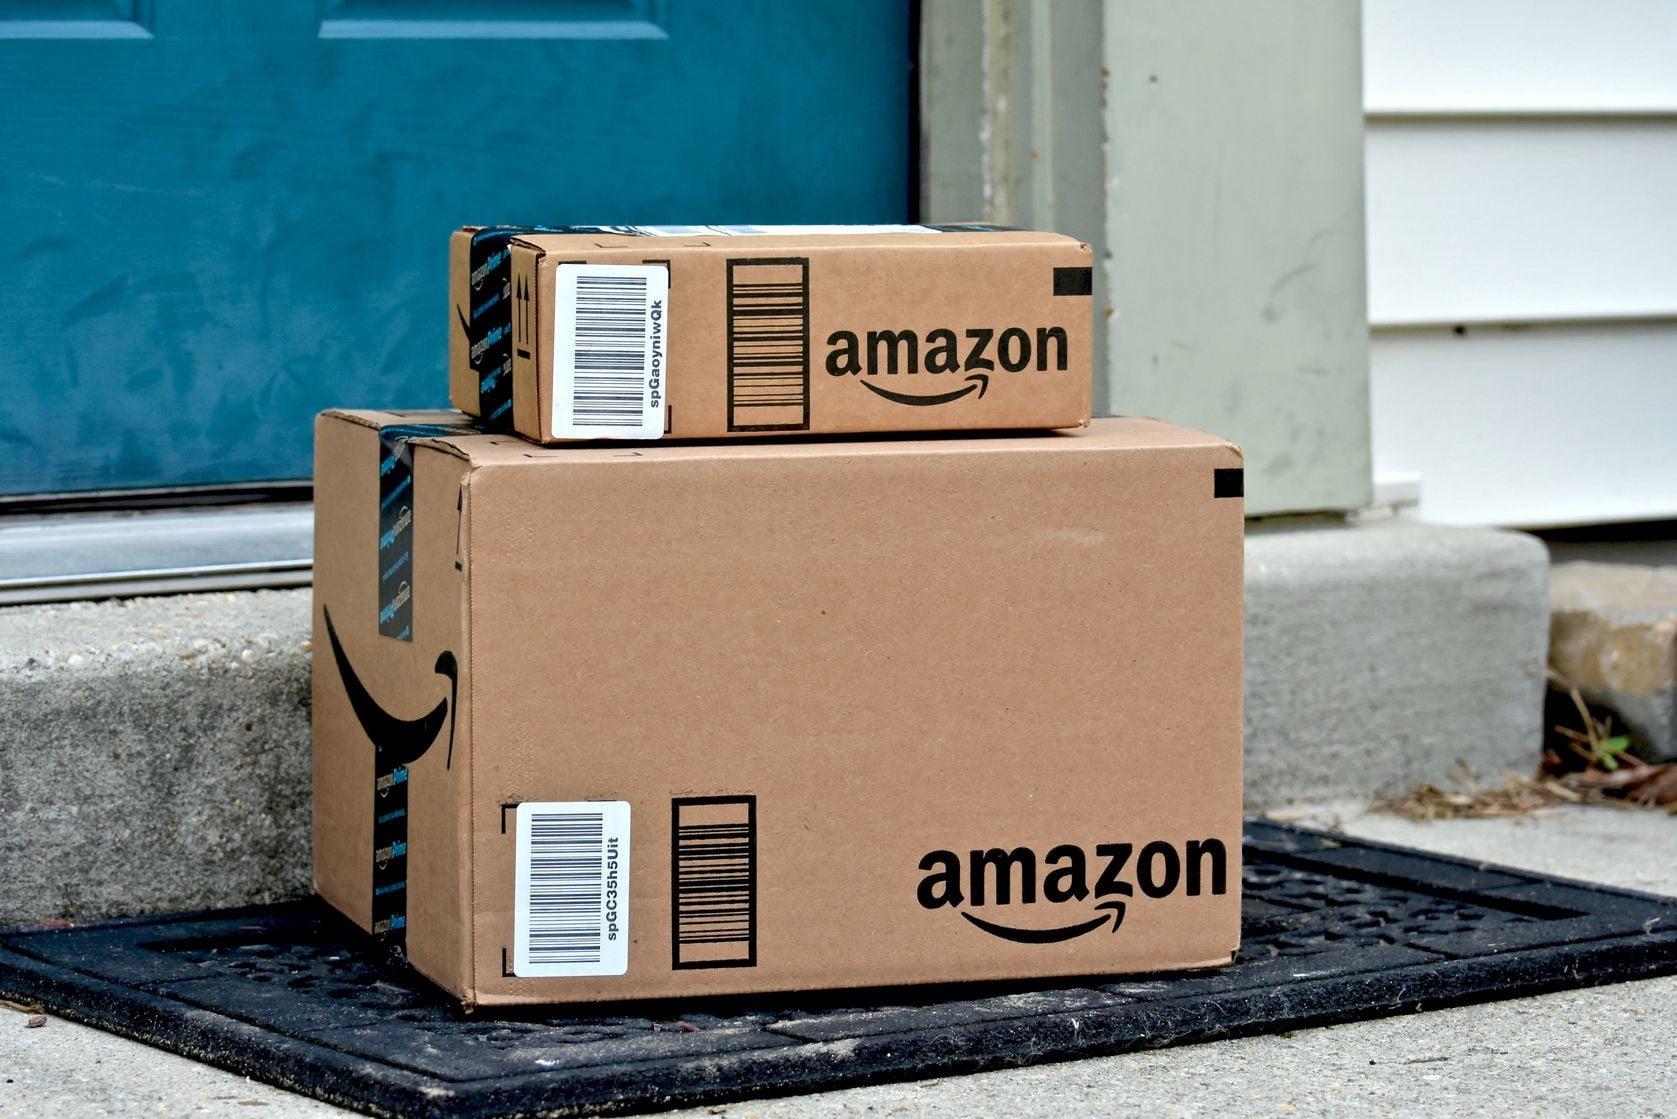 """Amazon lancia la """"Consegna senza fretta"""": tempi lenti in cambio di uno sconto thumbnail"""